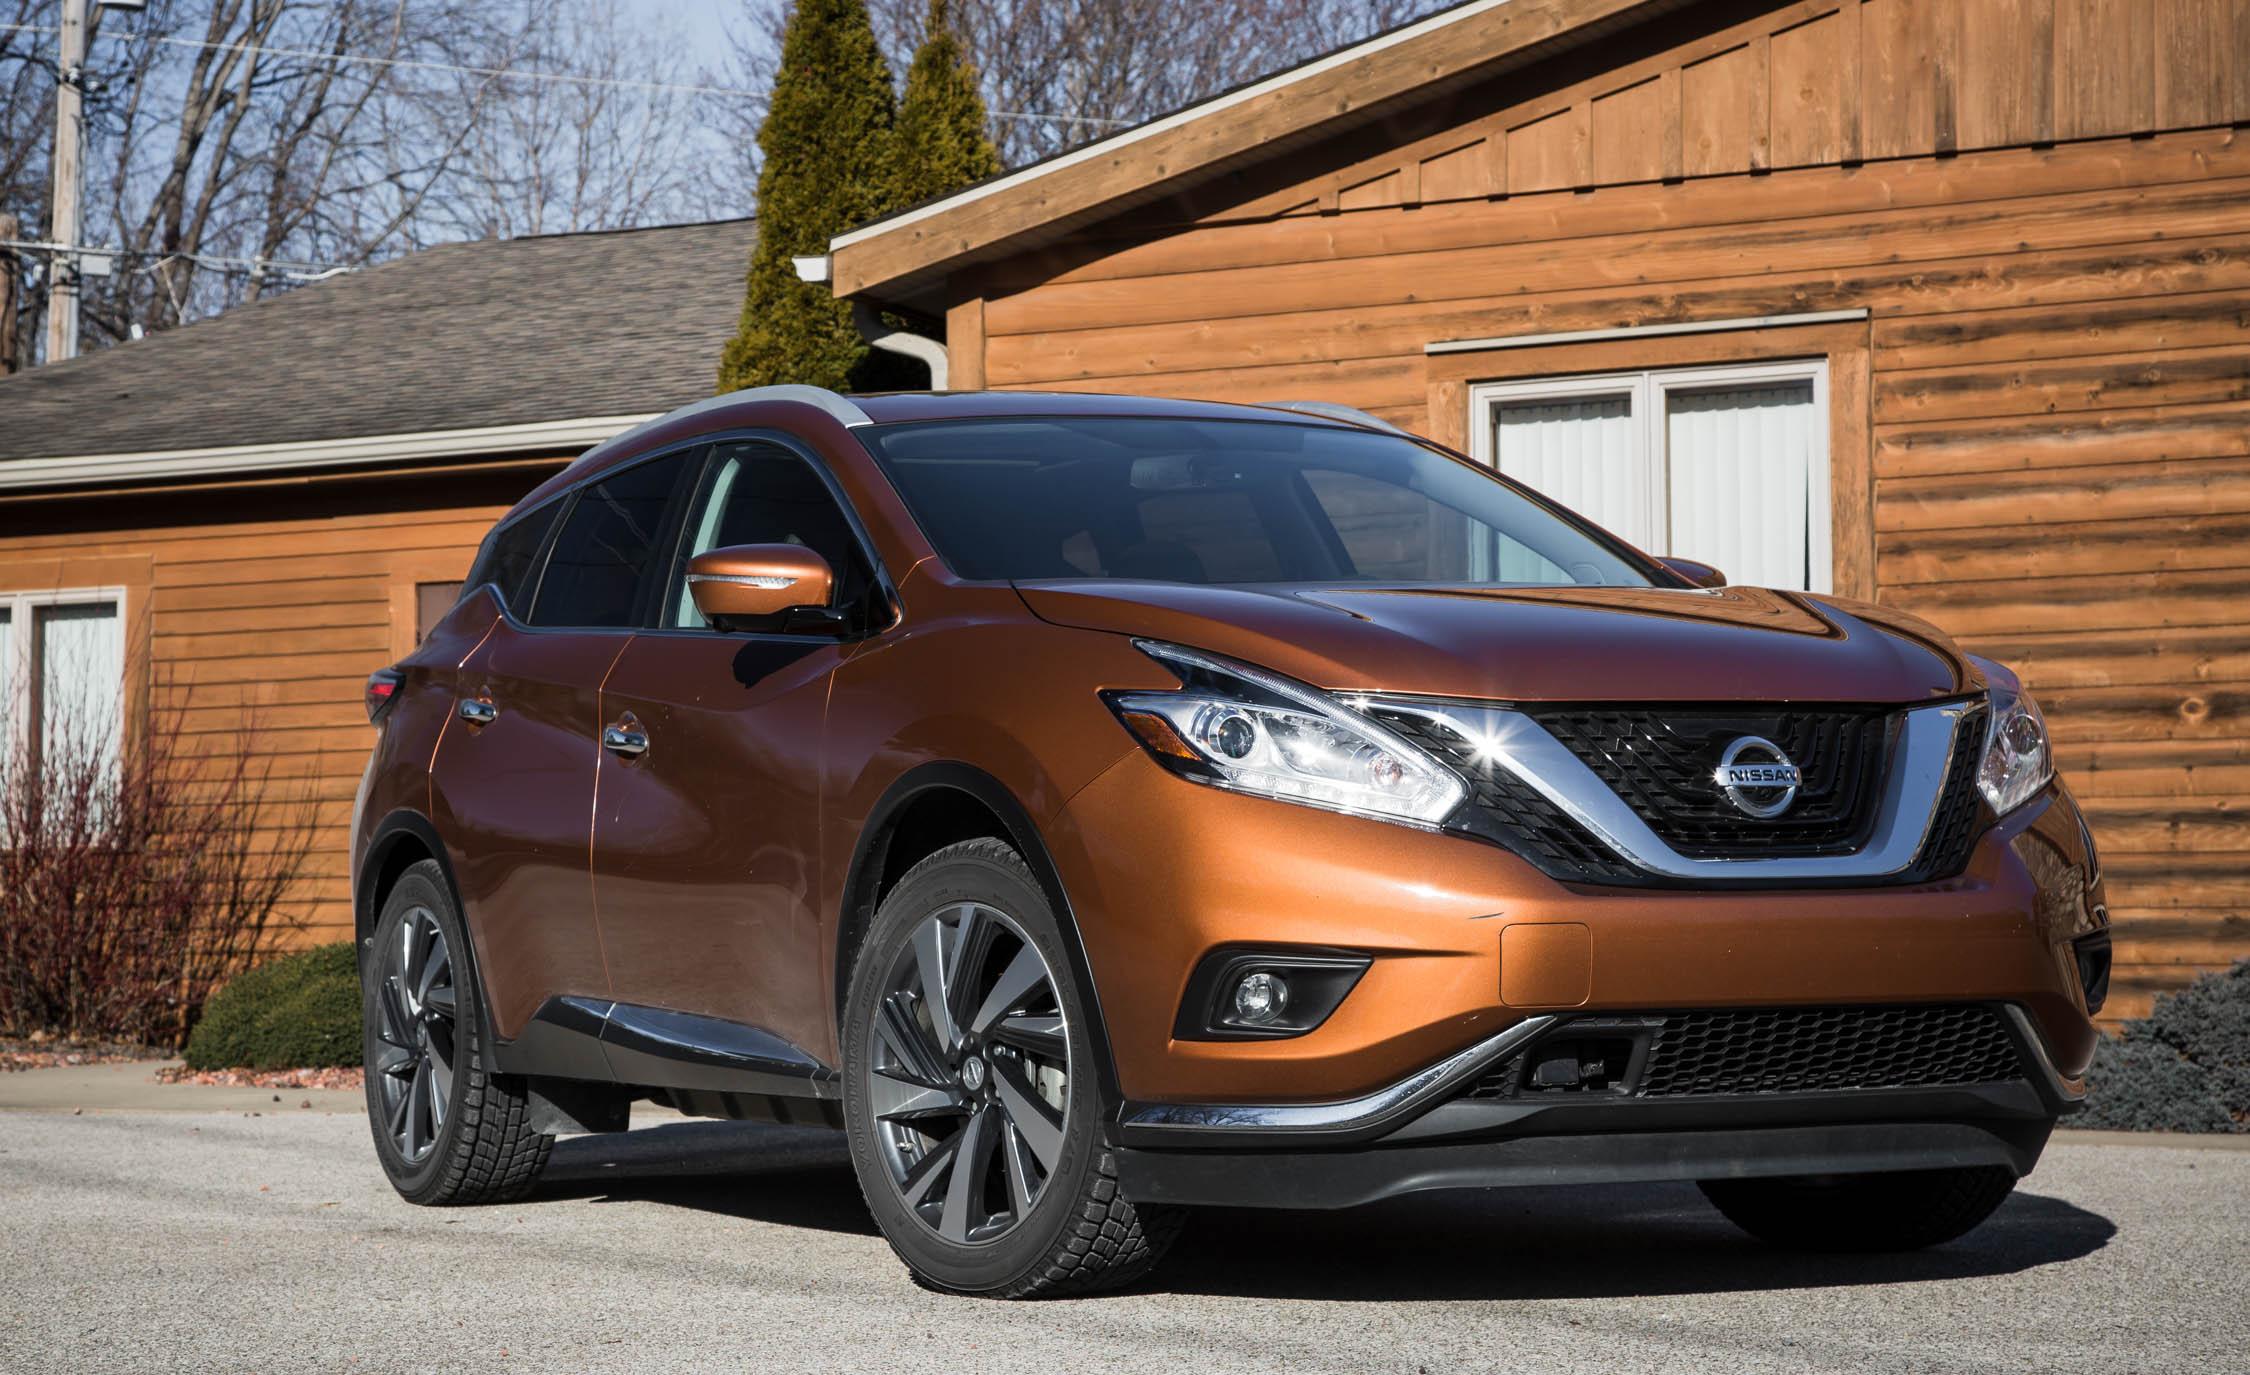 2015 Nissan Murano Platinum AWD (Photo 1 of 27)